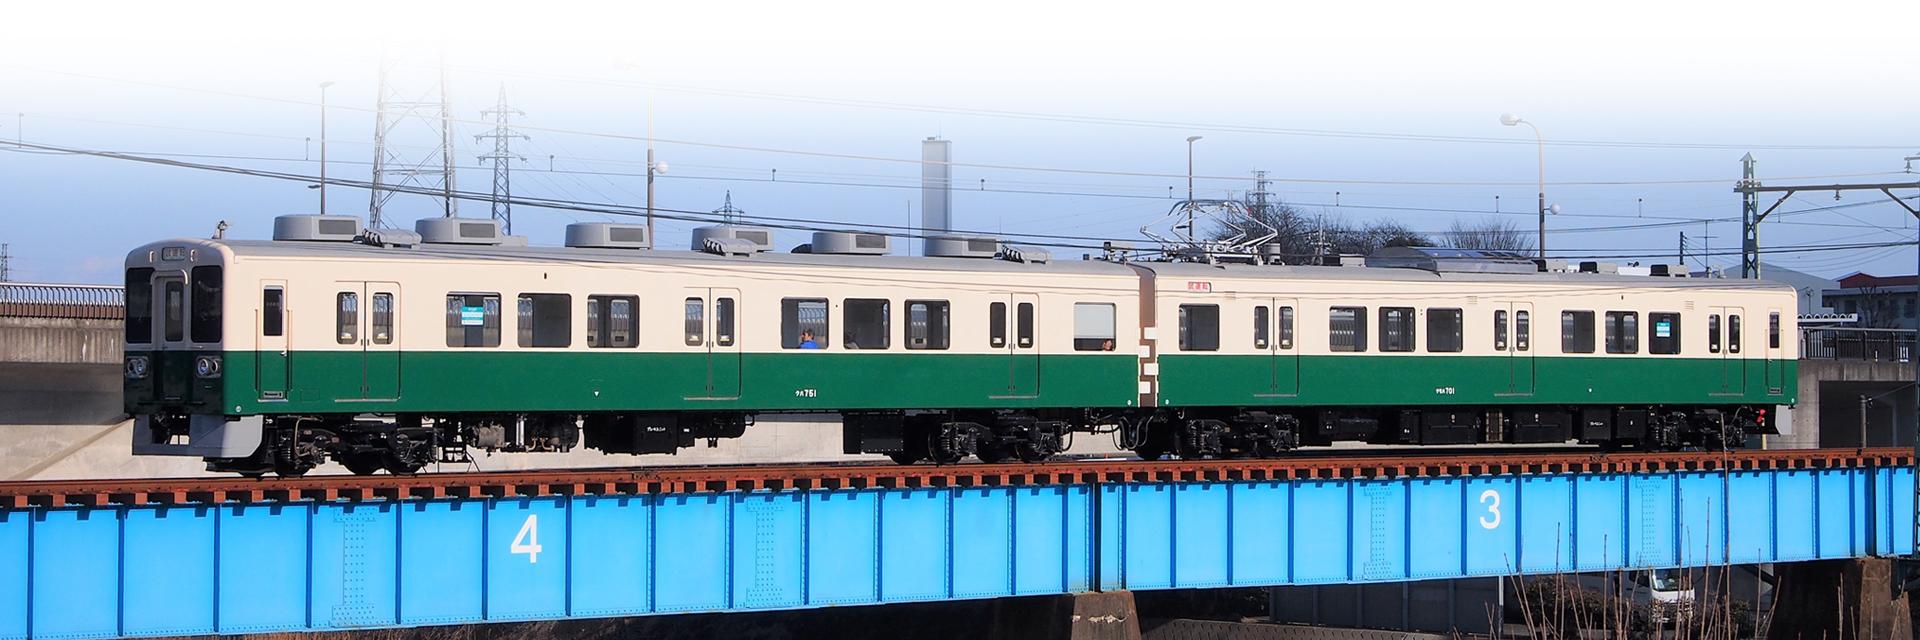 鉄道運賃の改定申請について